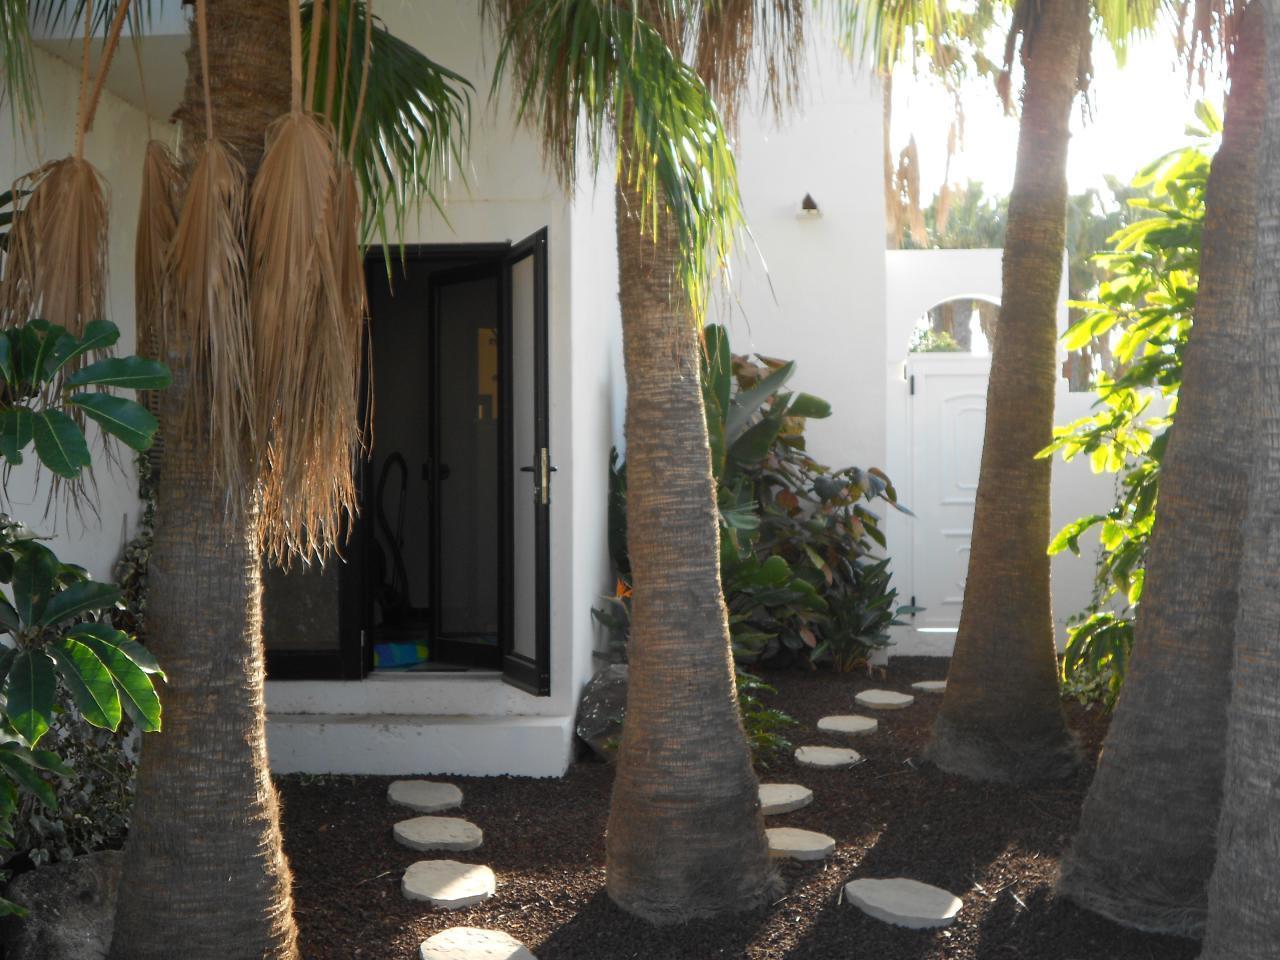 Ferienwohnung Costa Calma mit privatem Garten direkt am Strand (1851118), Costa Calma, Fuerteventura, Kanarische Inseln, Spanien, Bild 9